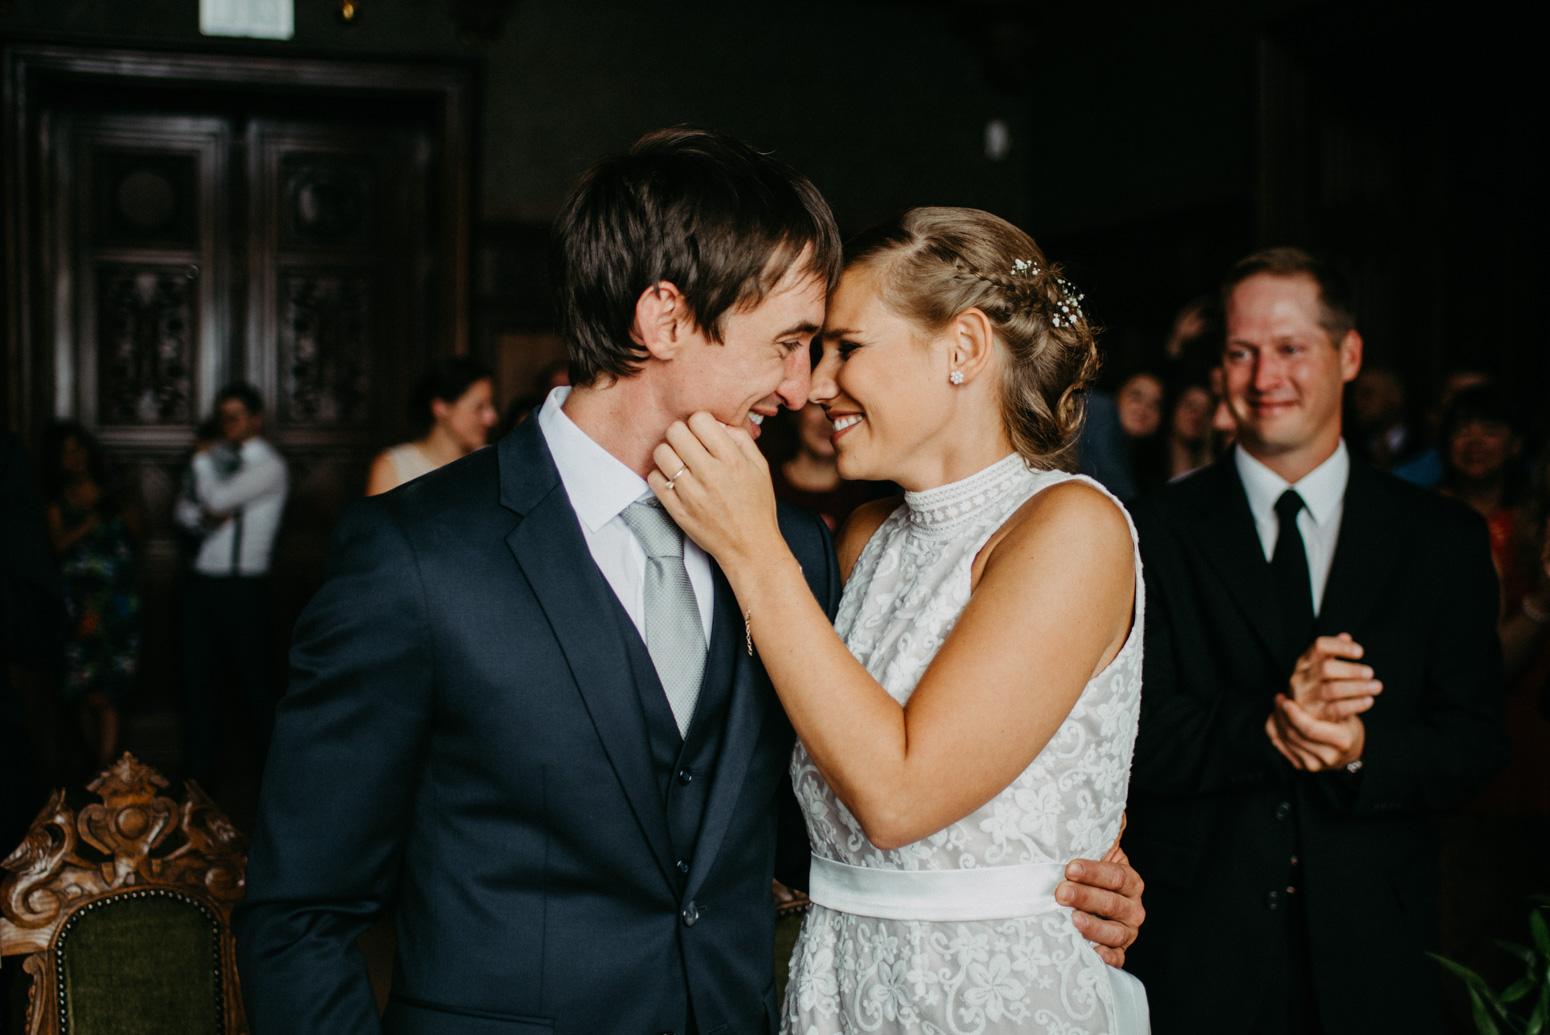 Hochzeitsfotografin Daria Becker von Genuine Bonds